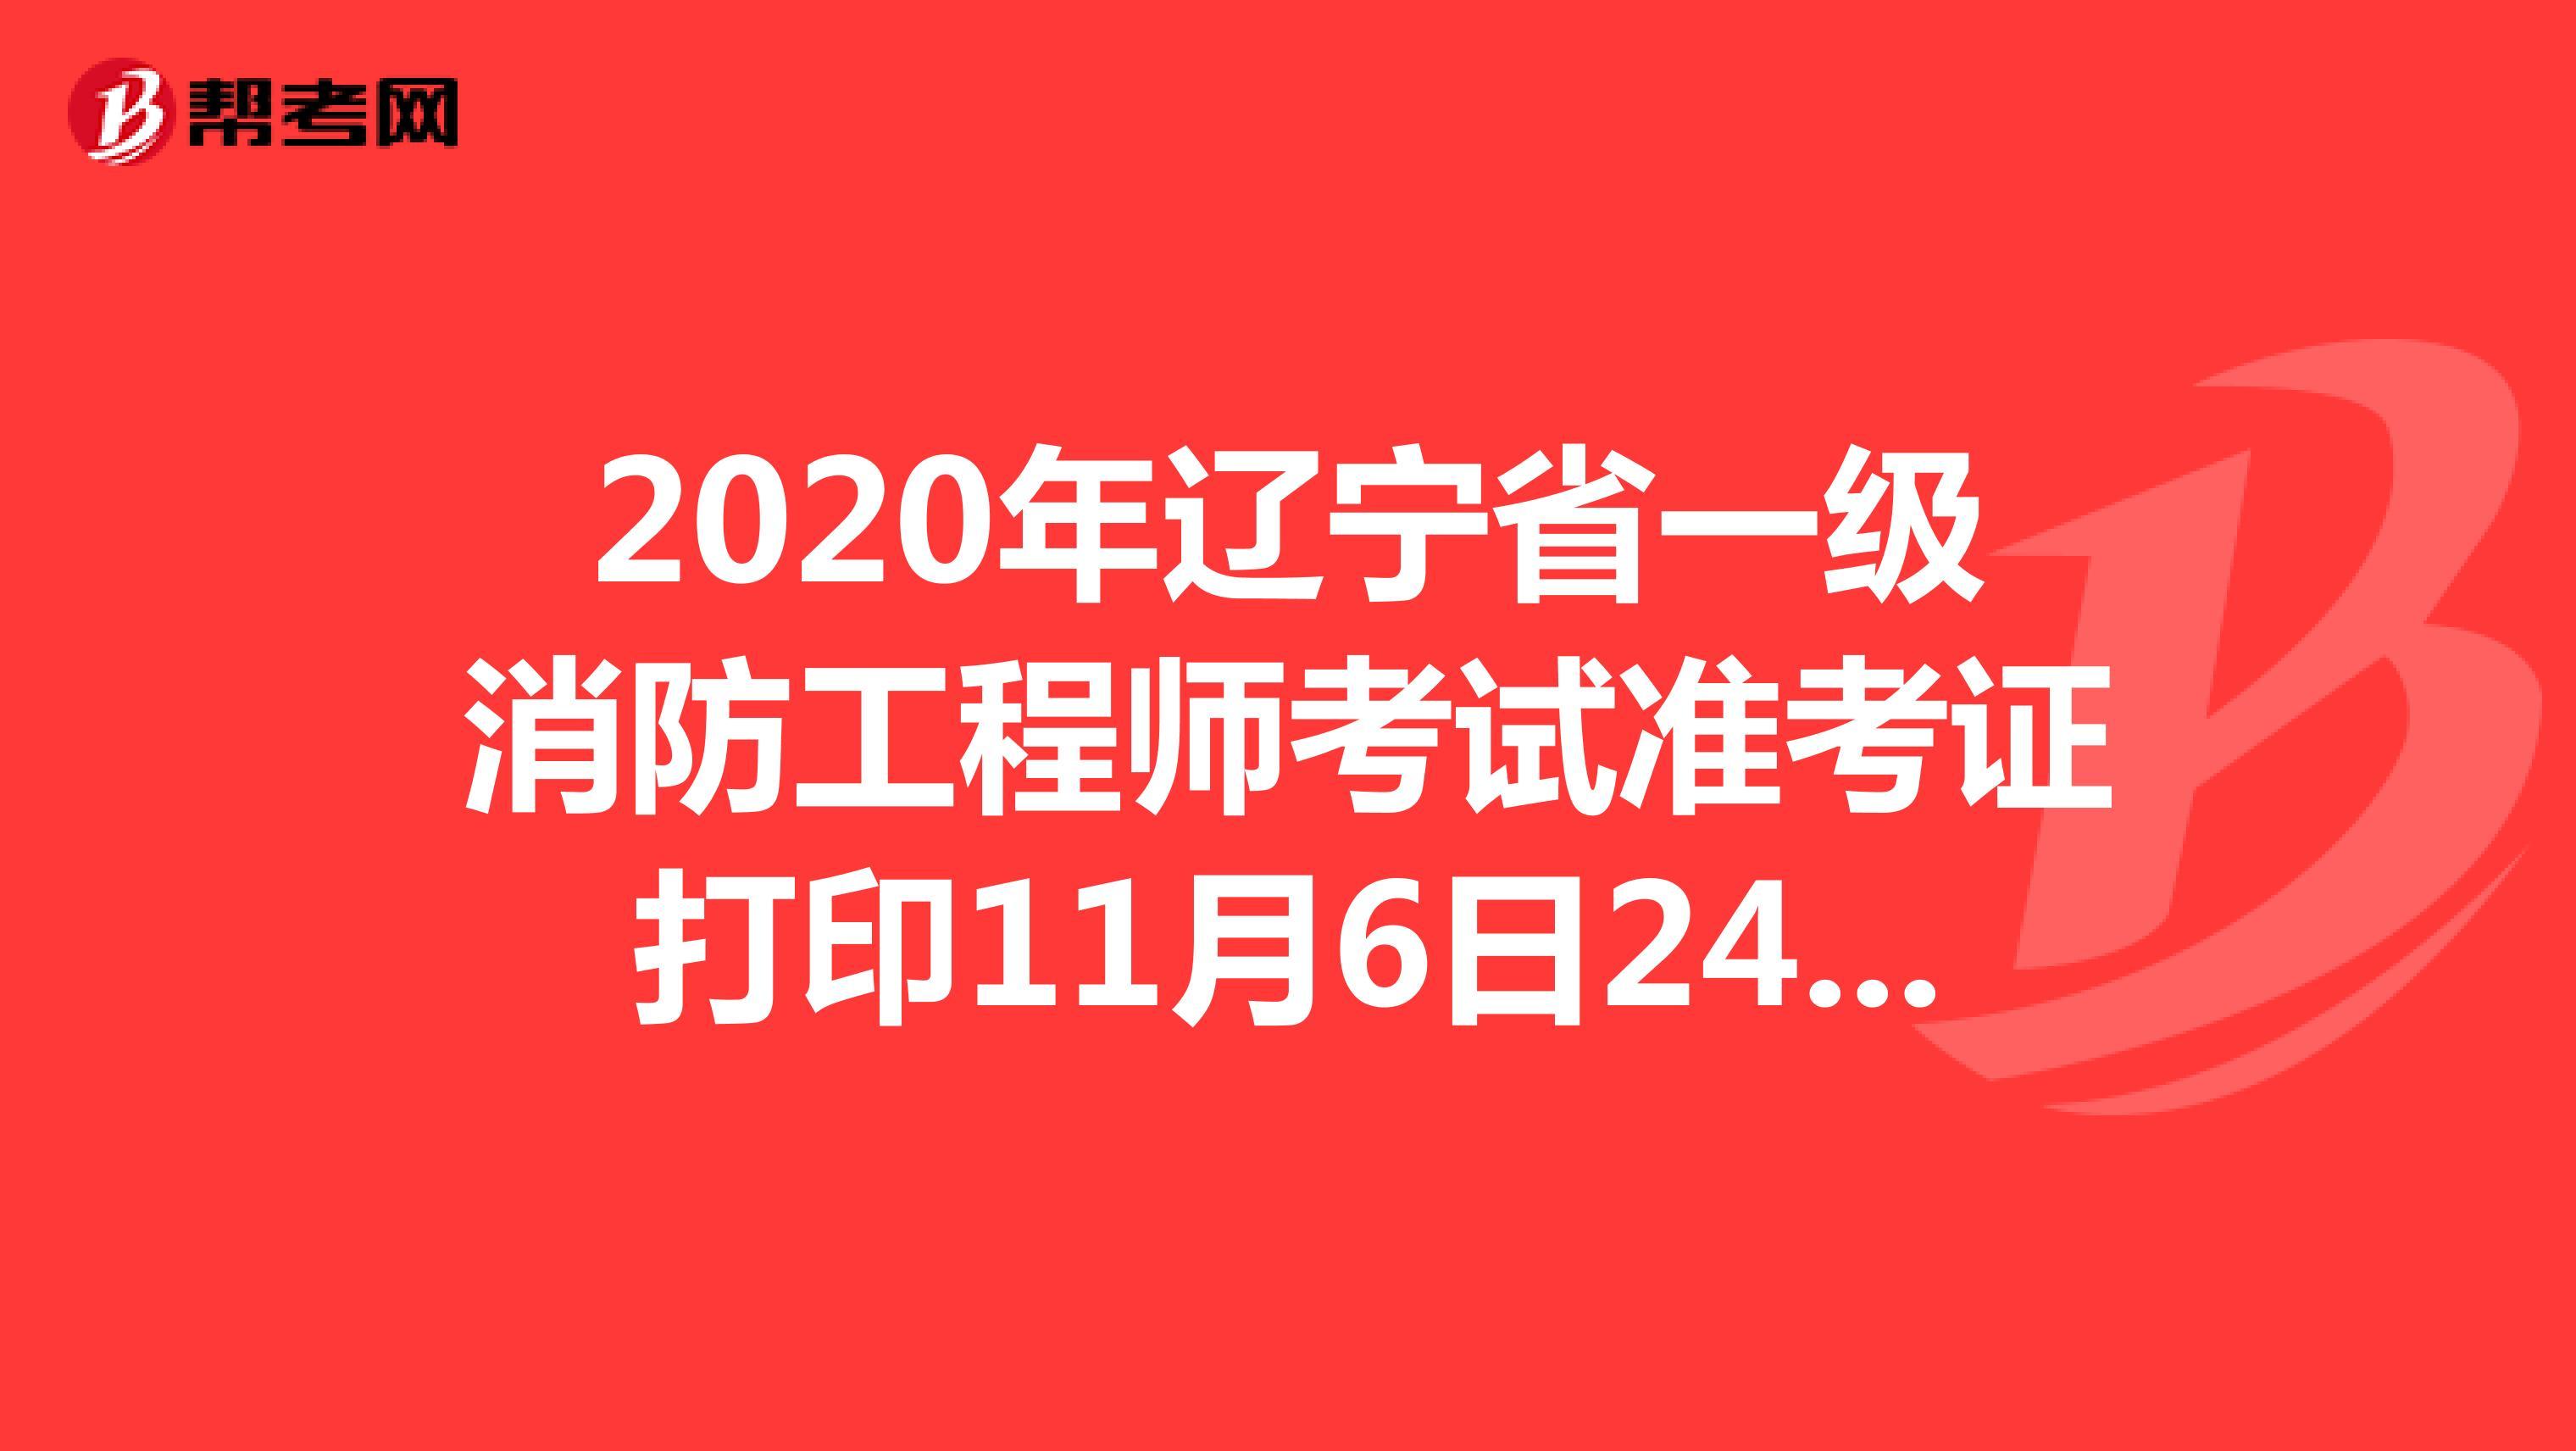 2020年辽宁省一级消防工程师考试准考证打印11月6日24:00结束